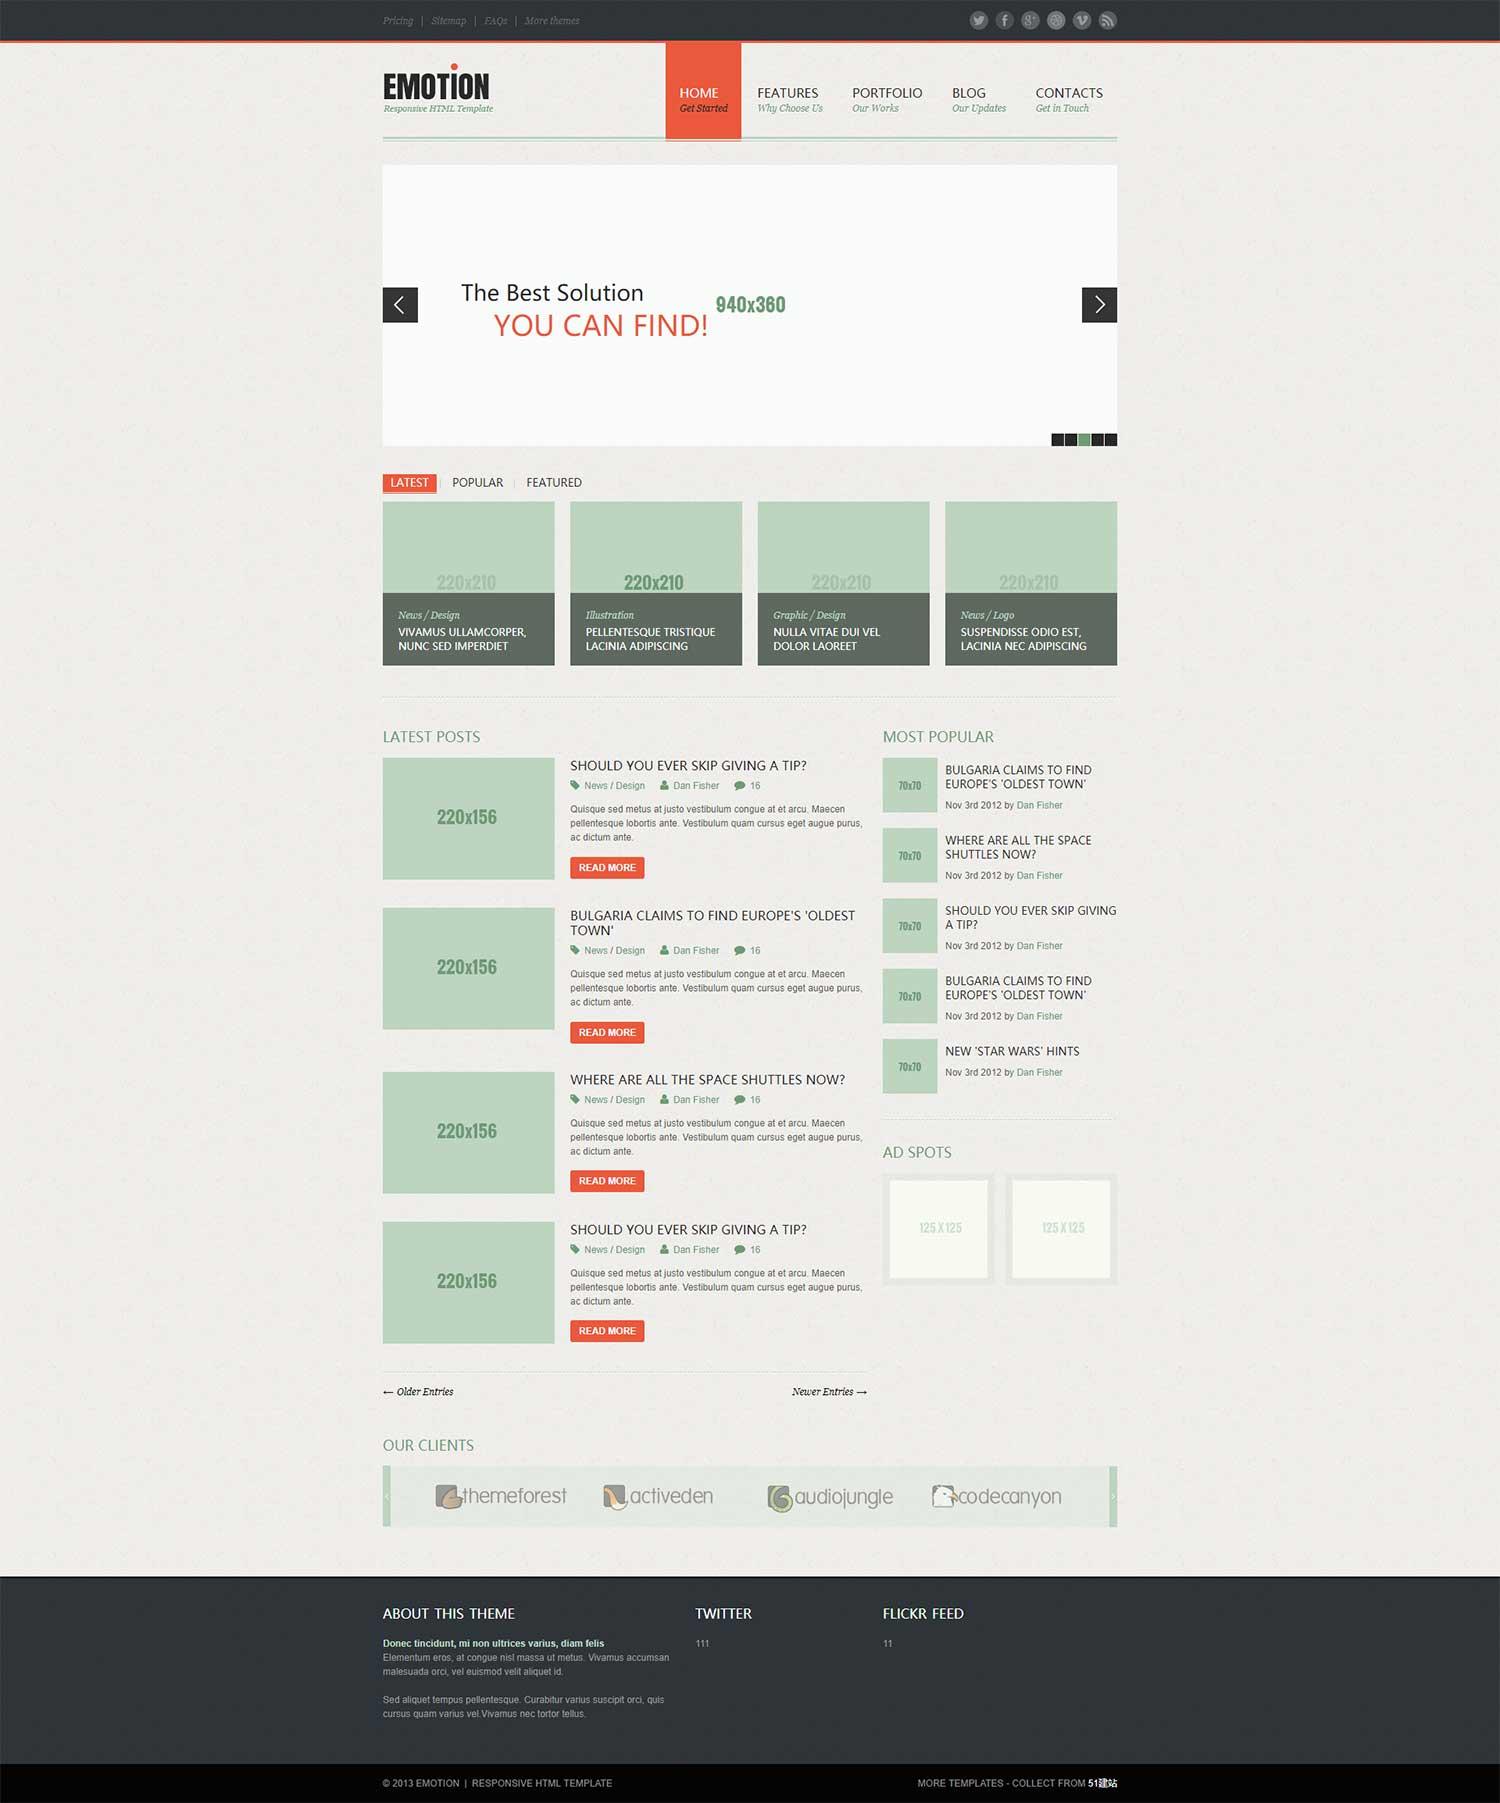 Emotion简洁多图展示企业外贸英文博客律师服务咨询简洁网站模板